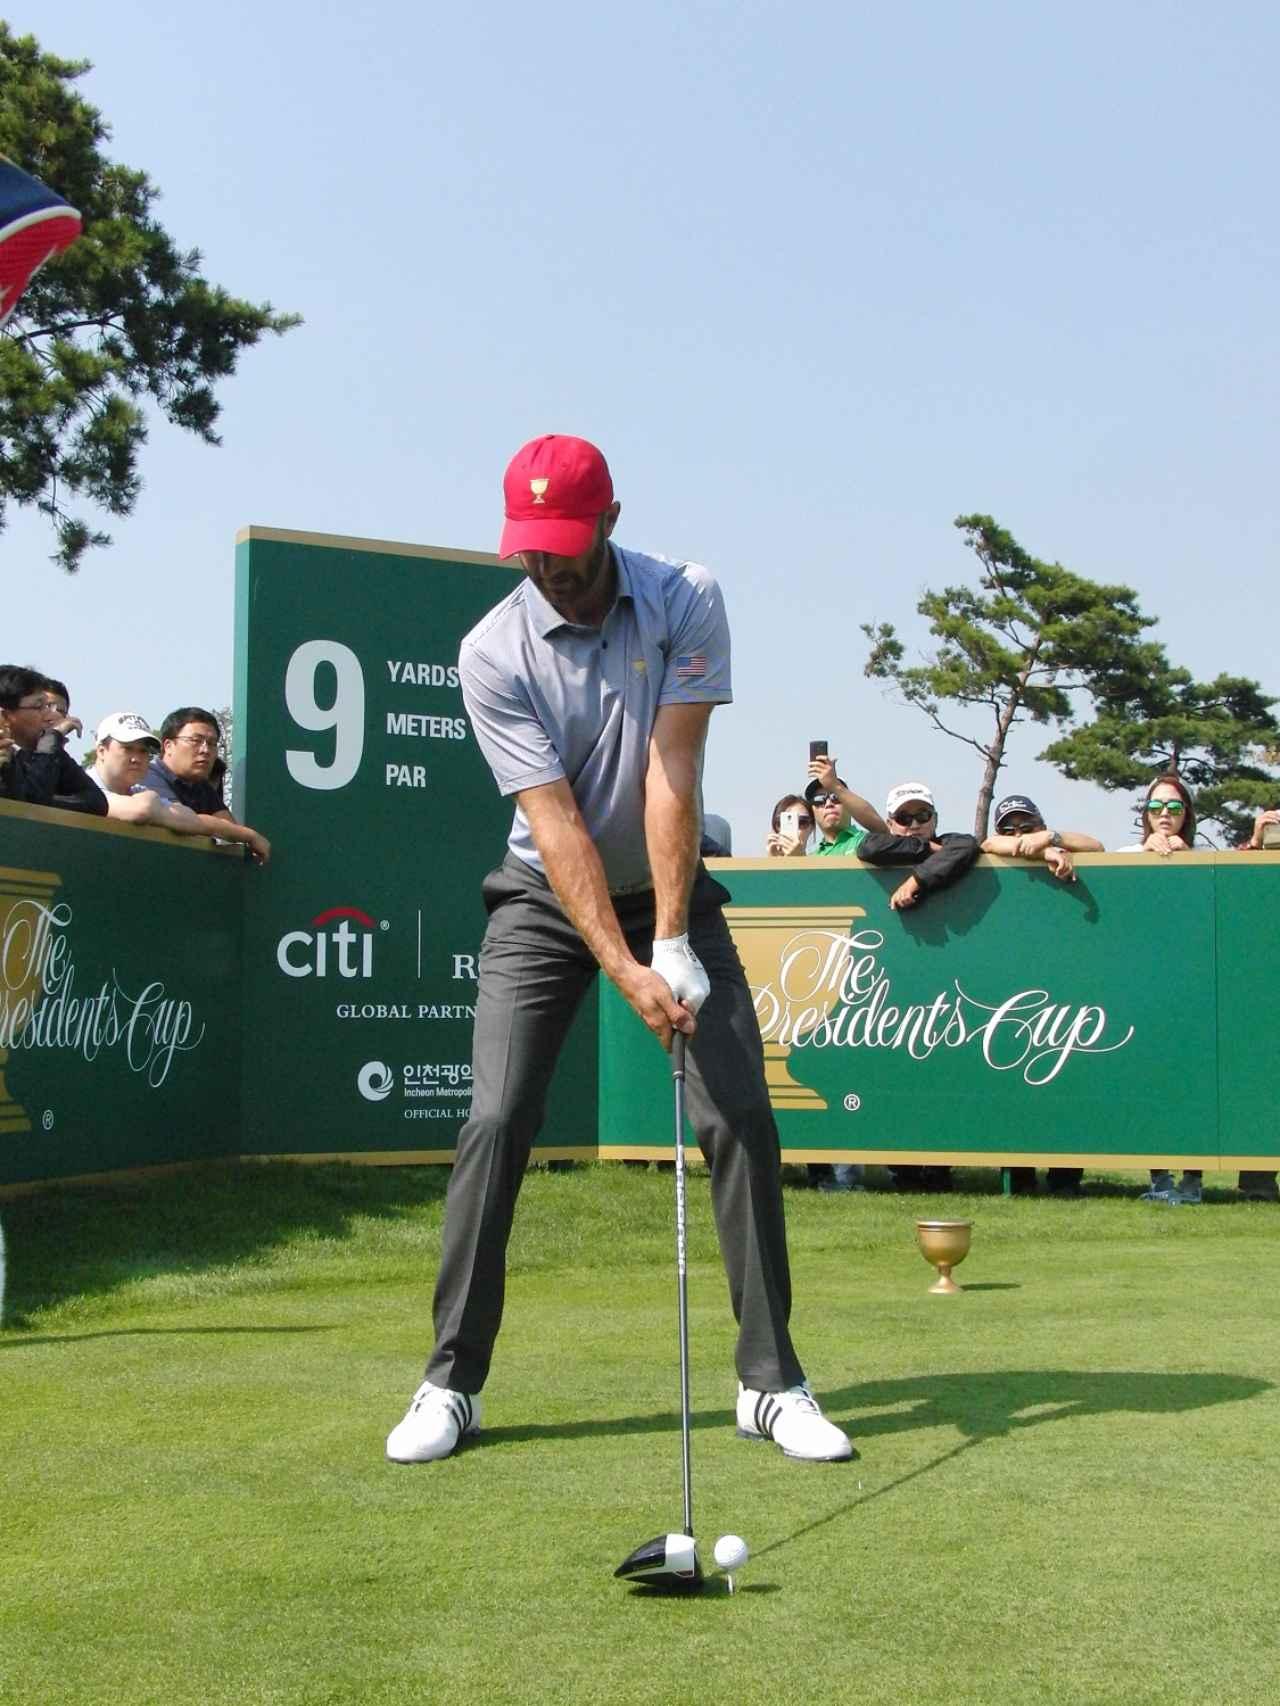 画像1: ダスティン・ジョンソンのココが凄い!PGAツアー スウィング超解説④